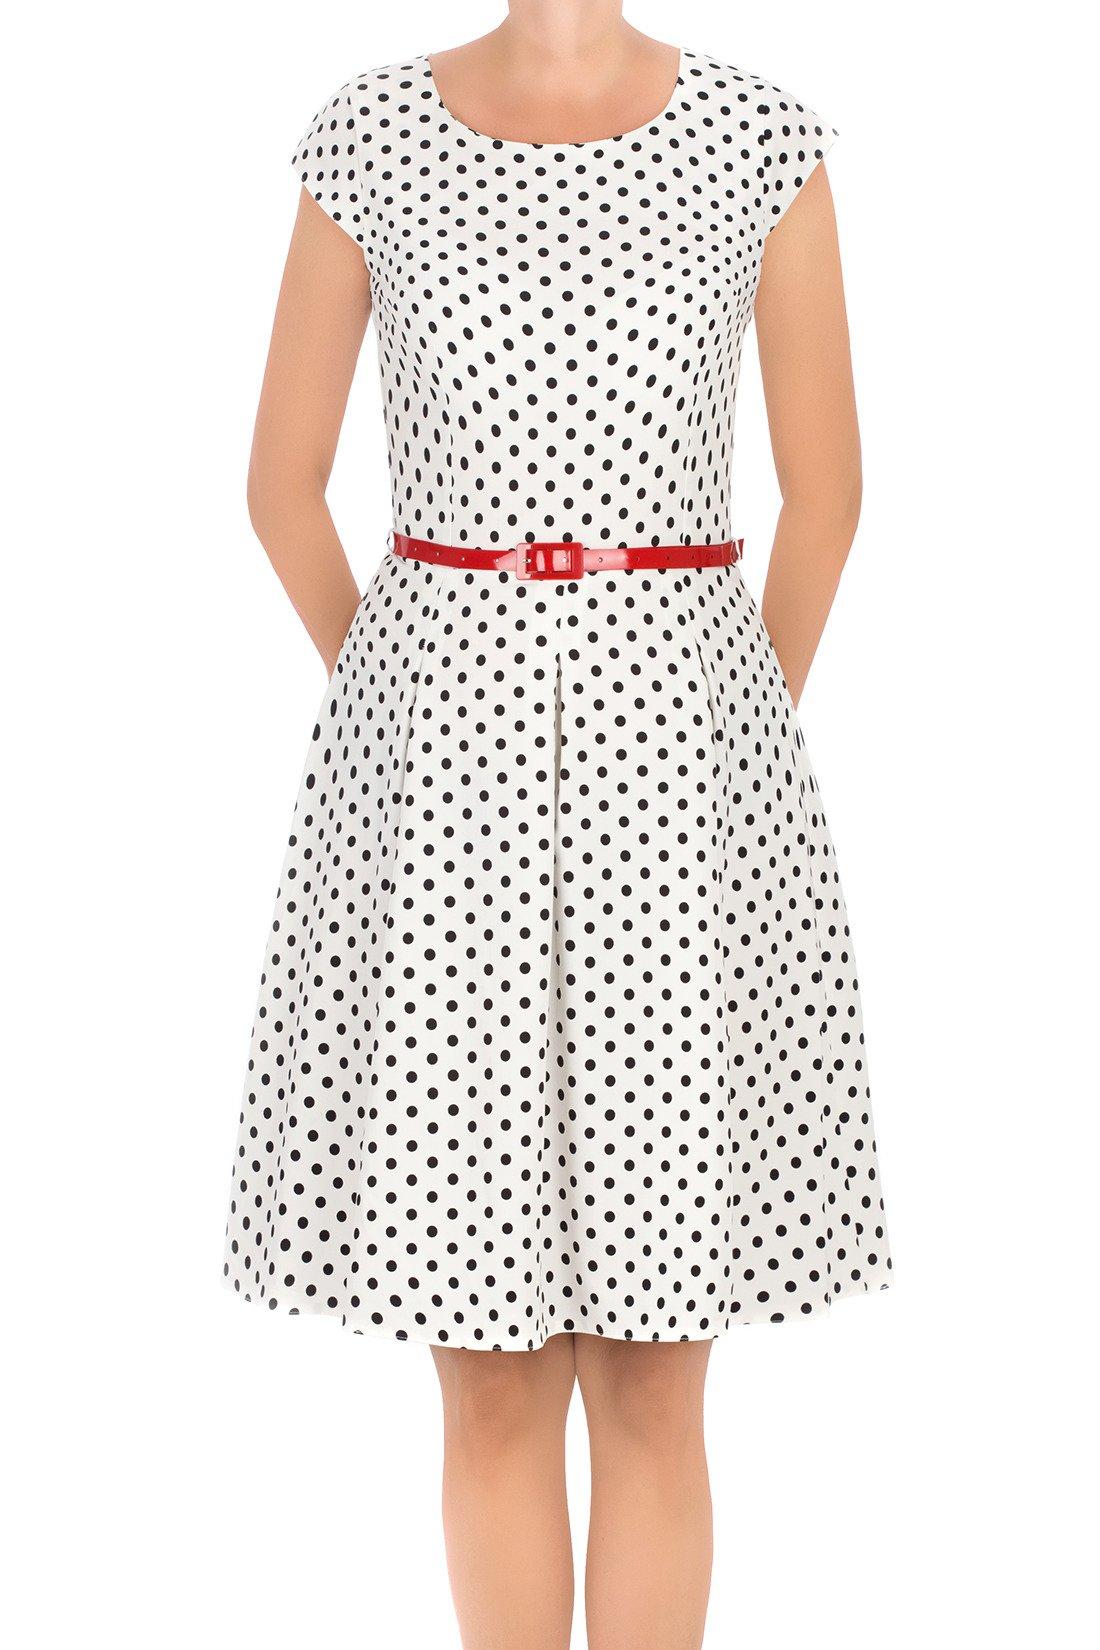 3c5fa81ecd Stylowa sukienka Gotta biała w kropki z paskiem w talii 3295